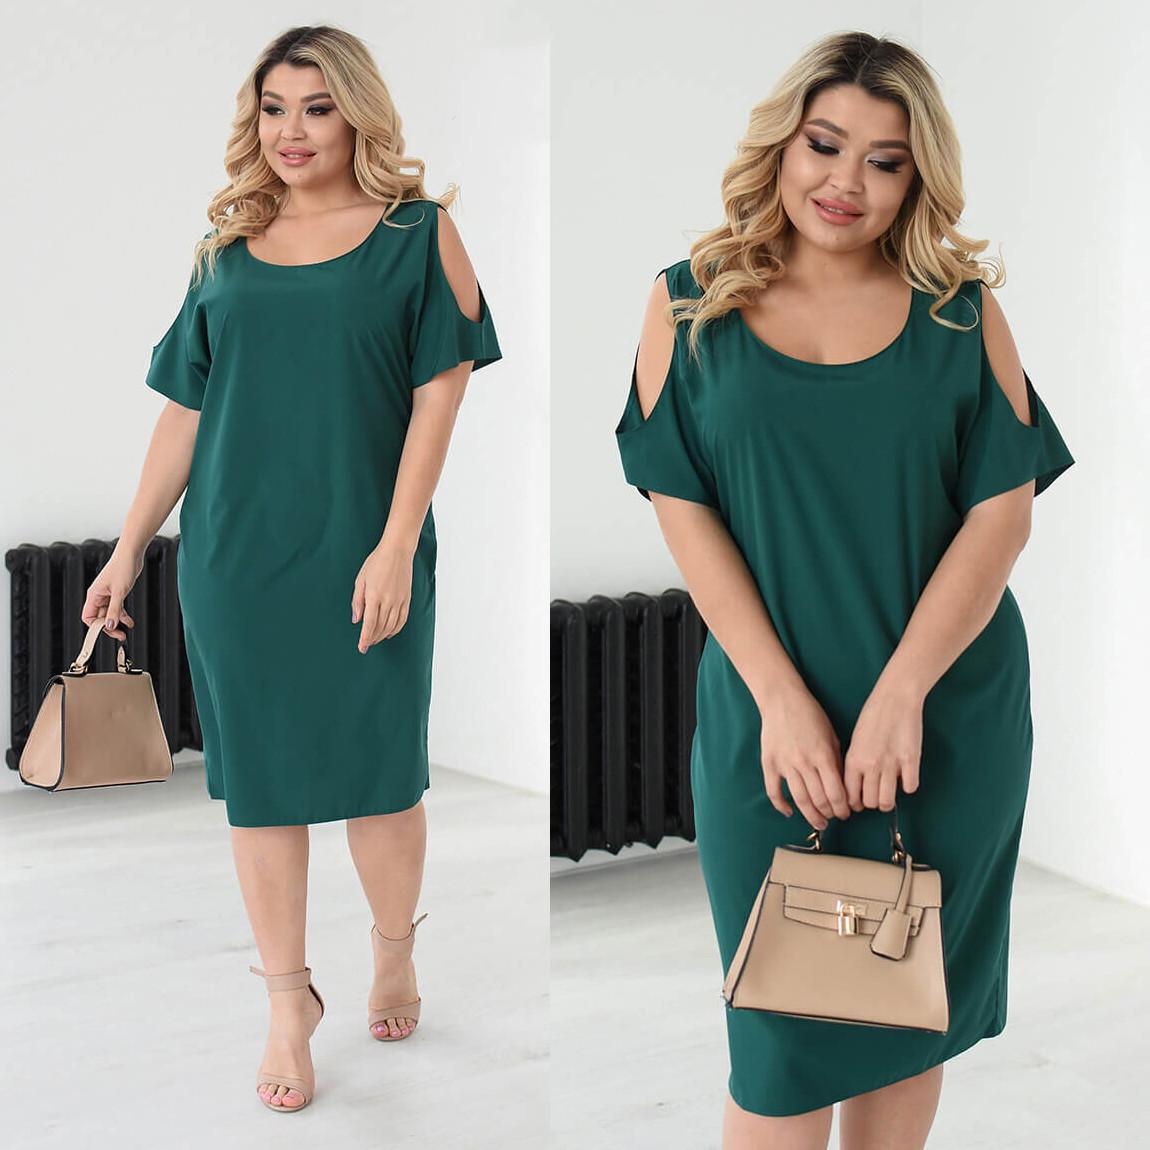 Жіноче літнє плаття великого розміру з відкритими плечима